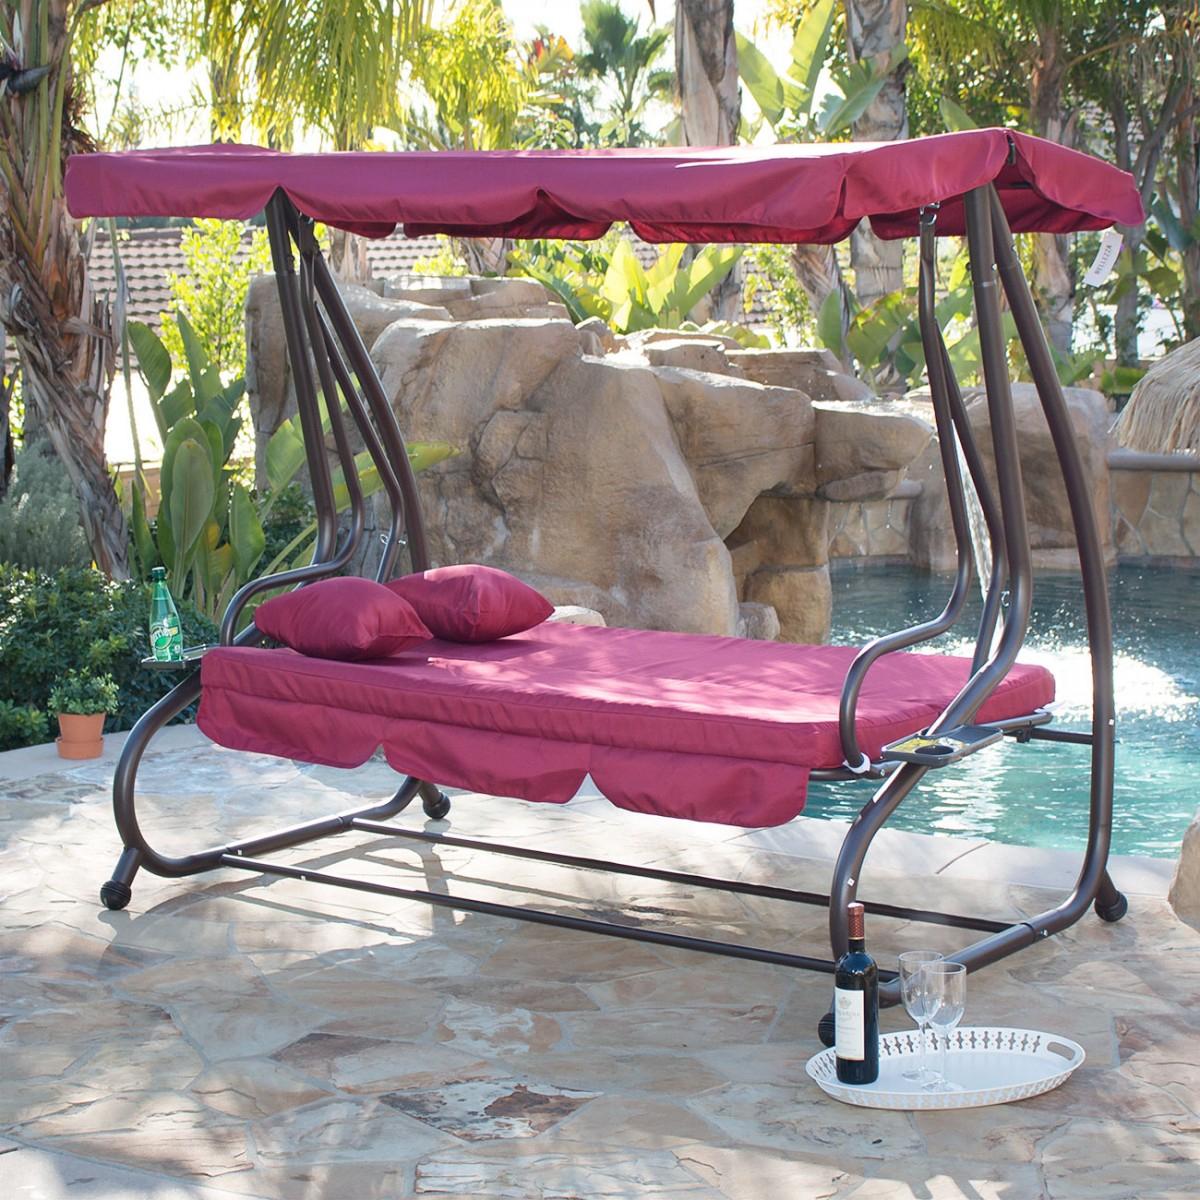 Hammock Patio Backyard Deck Outdoor Canopy Swingbed Garden Inside Patio Gazebo Porch Canopy Swings (View 18 of 25)